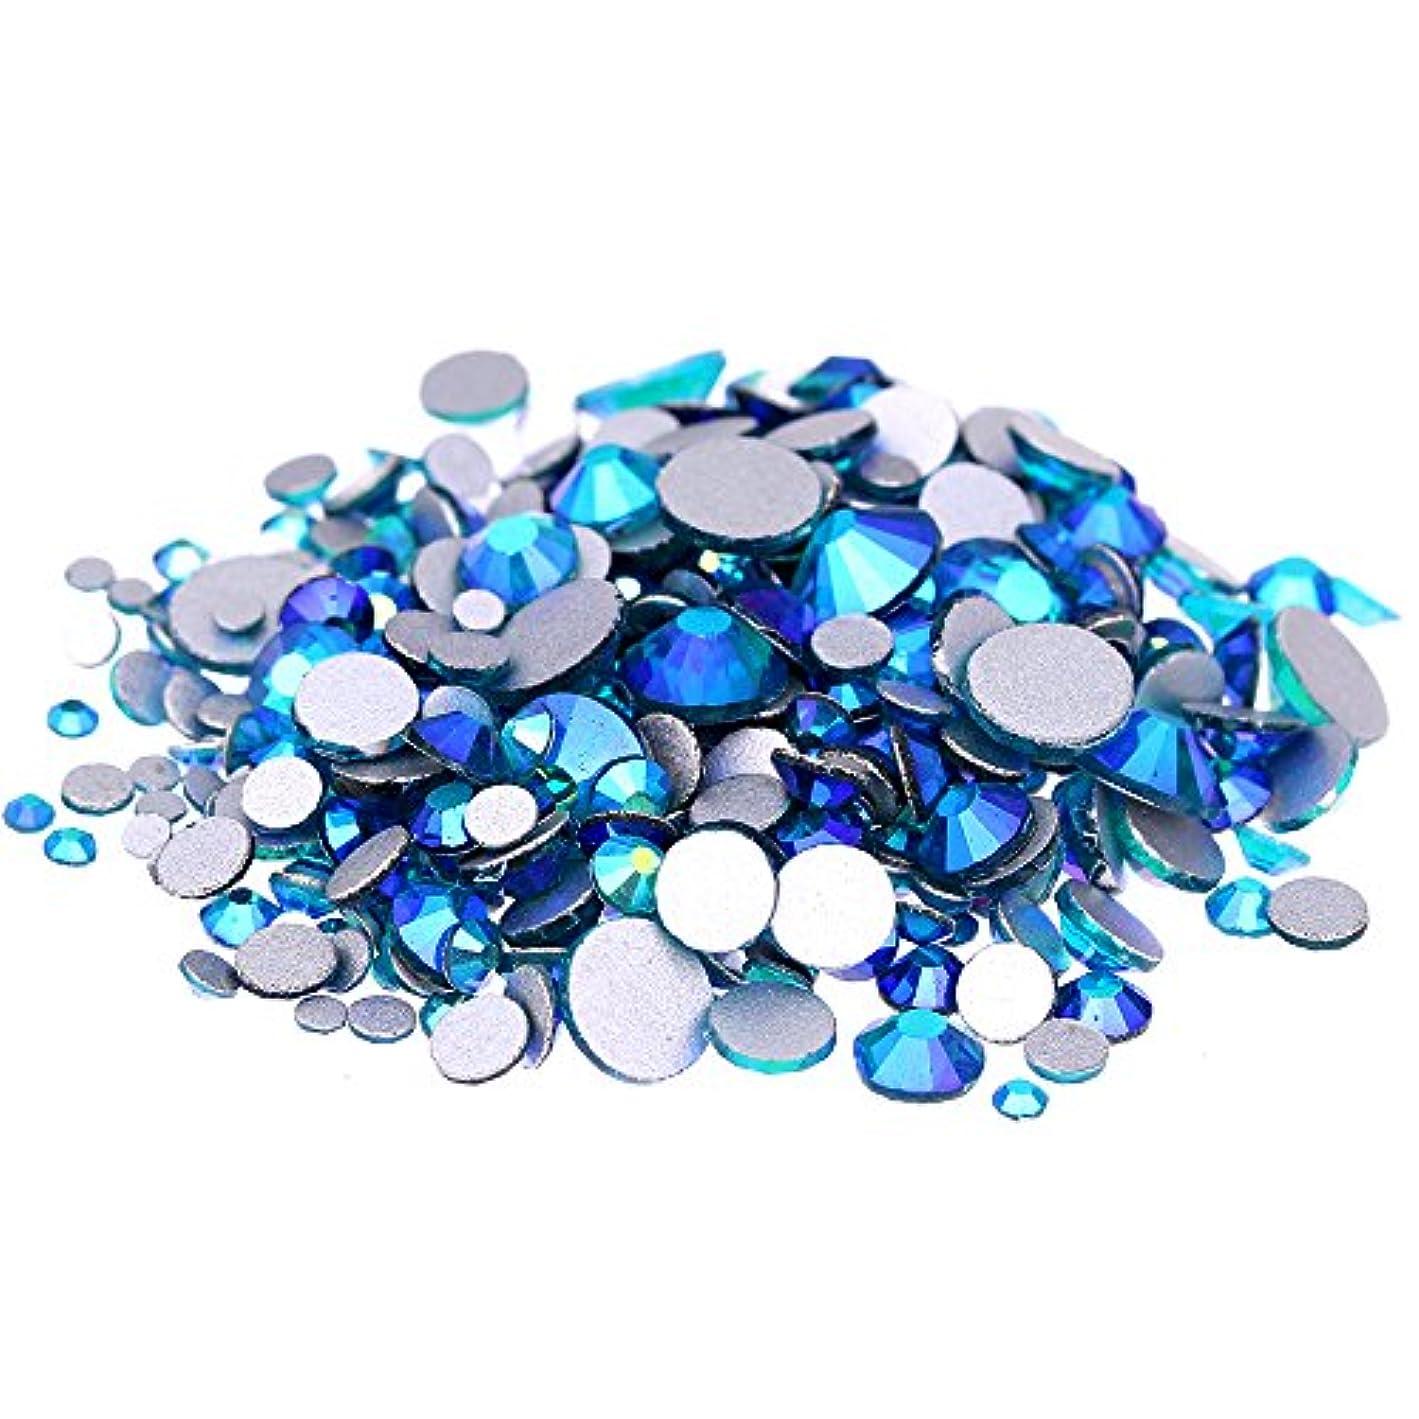 Nizi ジュエリー ブランド ブルージルコンオーロラ ラインストーン は ガラスの材質 ネイル使用 型番ss3-ss30 (SS12 1440pcs)